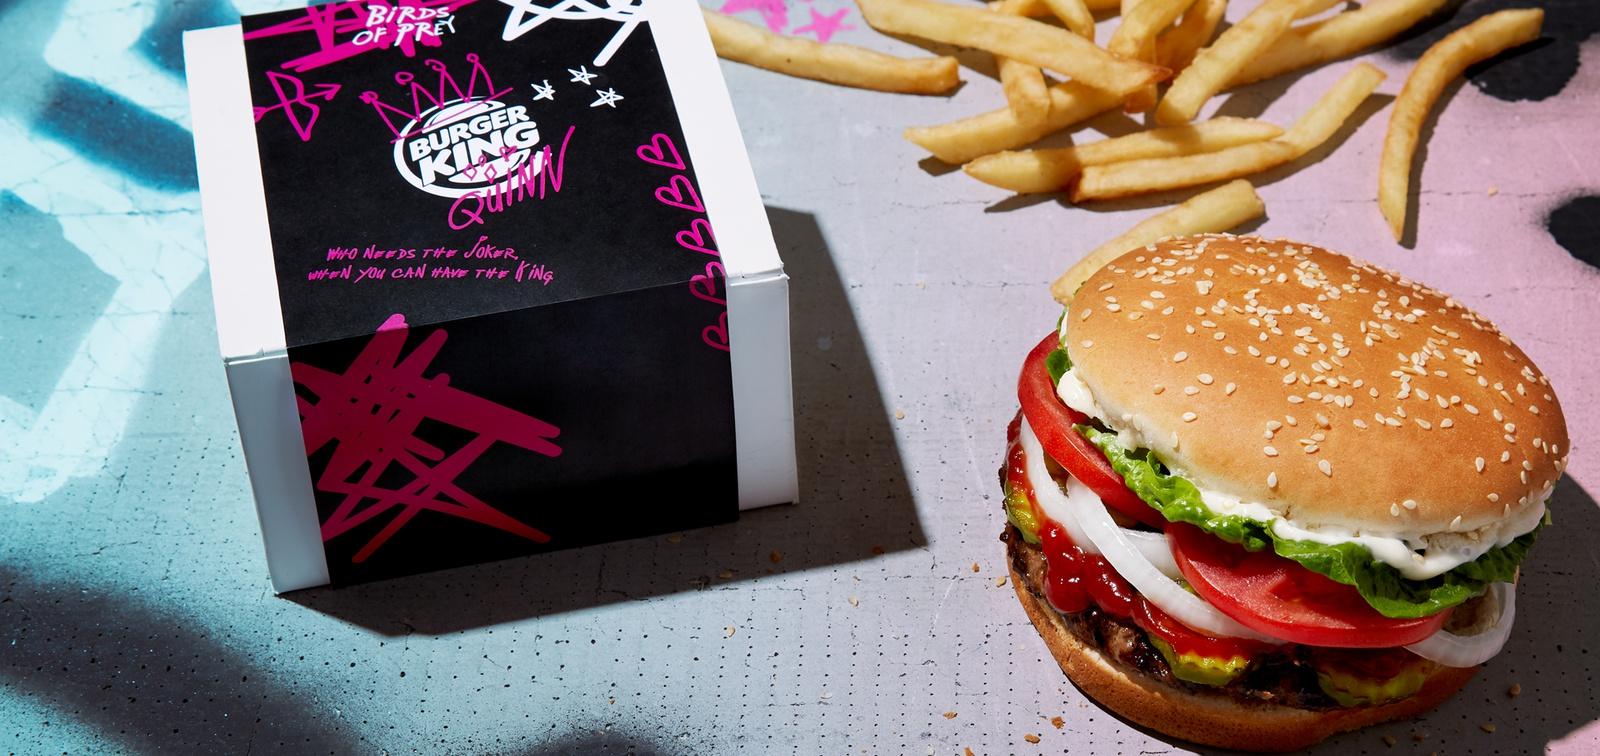 Burger King celebrates Harley Quinn's breakup in anti-Valentine's Day promotion